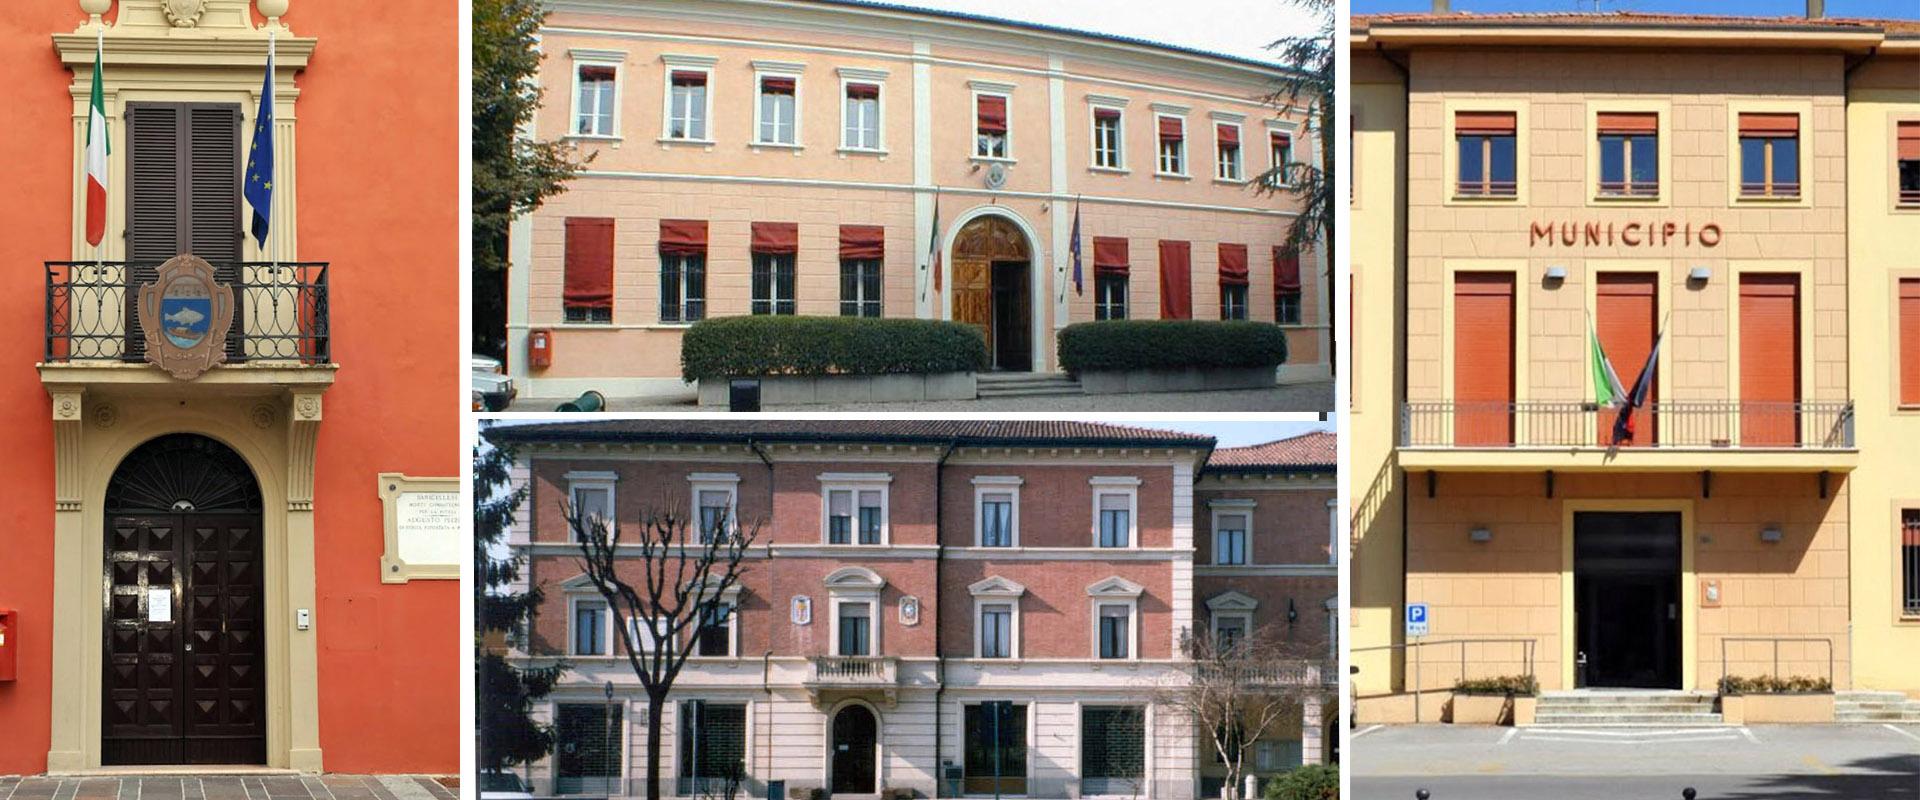 Foto: Archivio Città metropolitana di Bologna